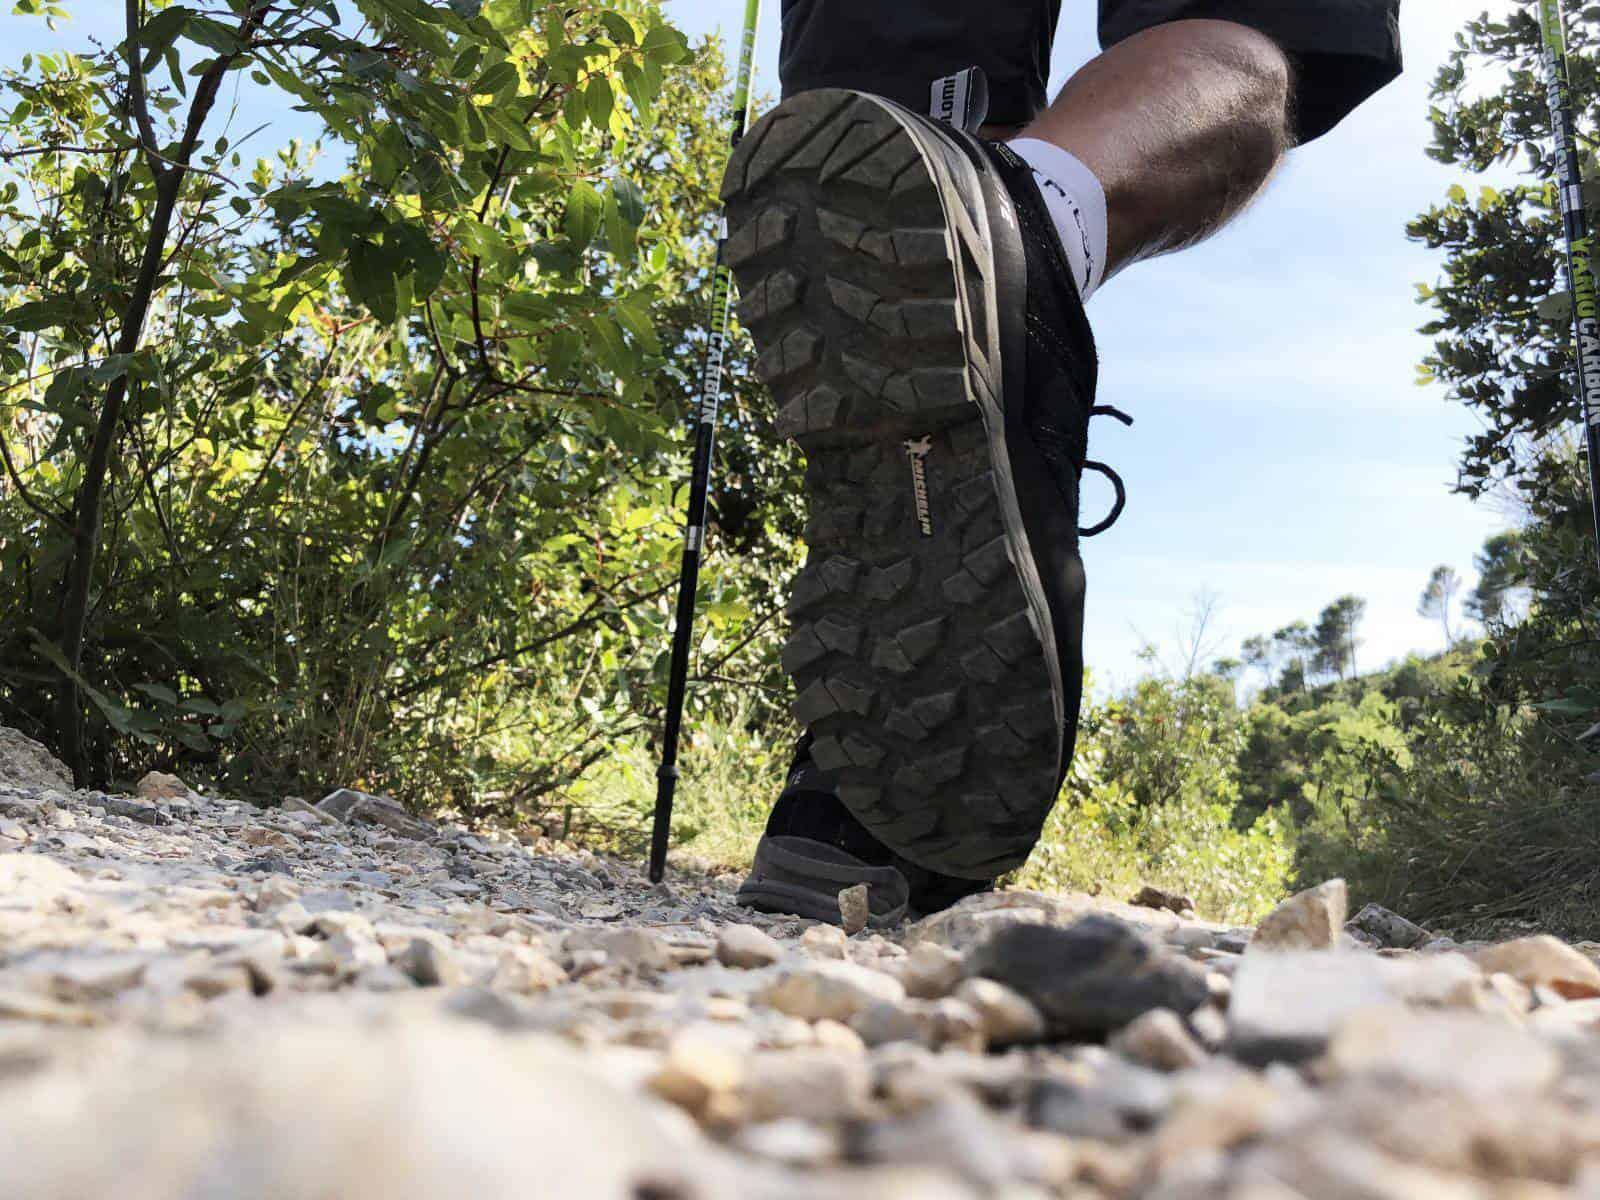 Dolomite Crodarossa Trek è equipaggiata con suola Michelin con disegno ad alto grip e capacità di auto pulizia da fango e detriti